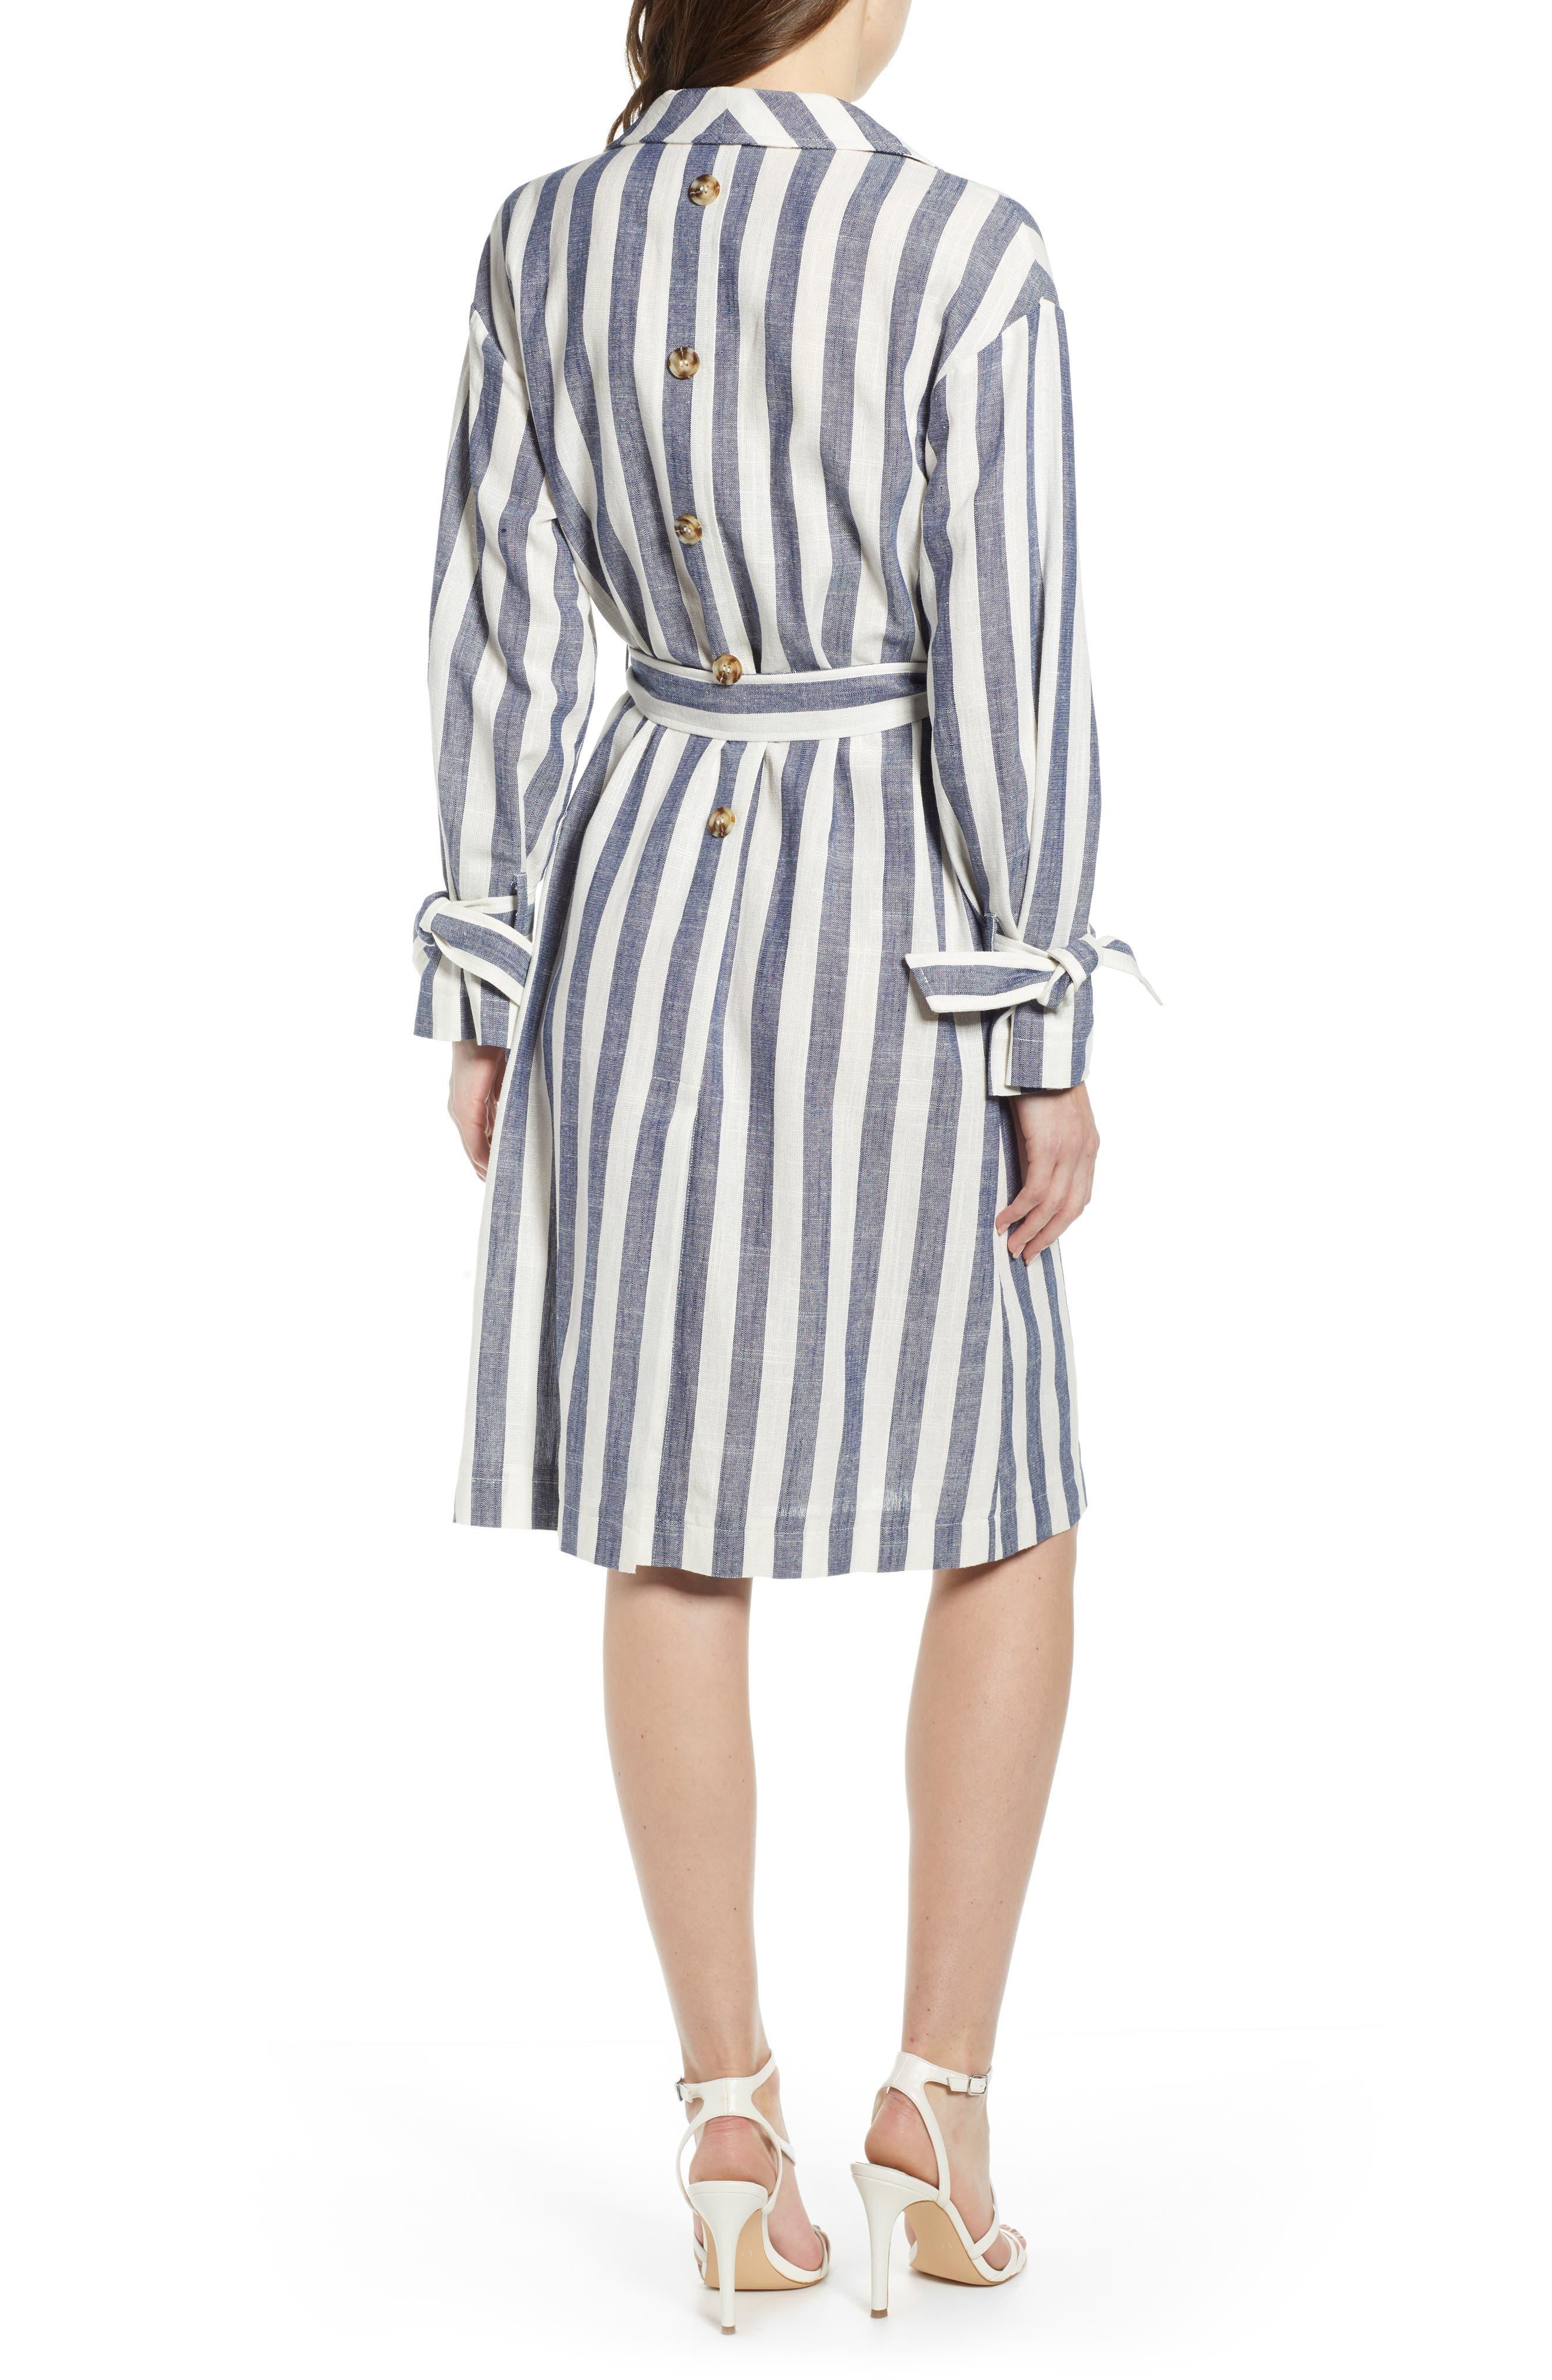 J.O.A., Stripe Cotton & Linen Shirtdress, Alternate thumbnail 2, color, NAVY/ WHITE STRIPE